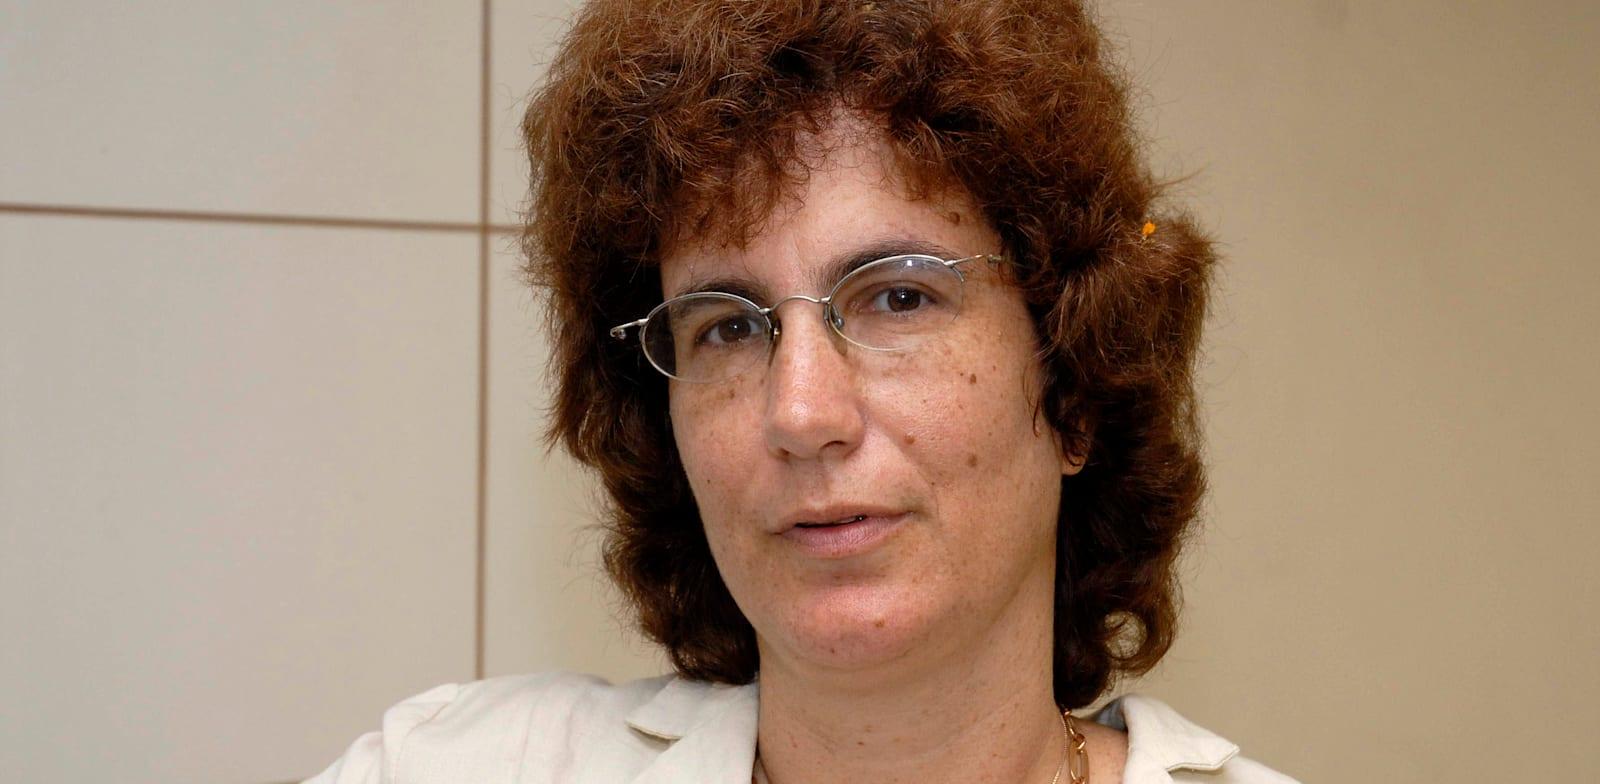 השופטת דפנה ברק-ארז / צילום: תמר מצפי